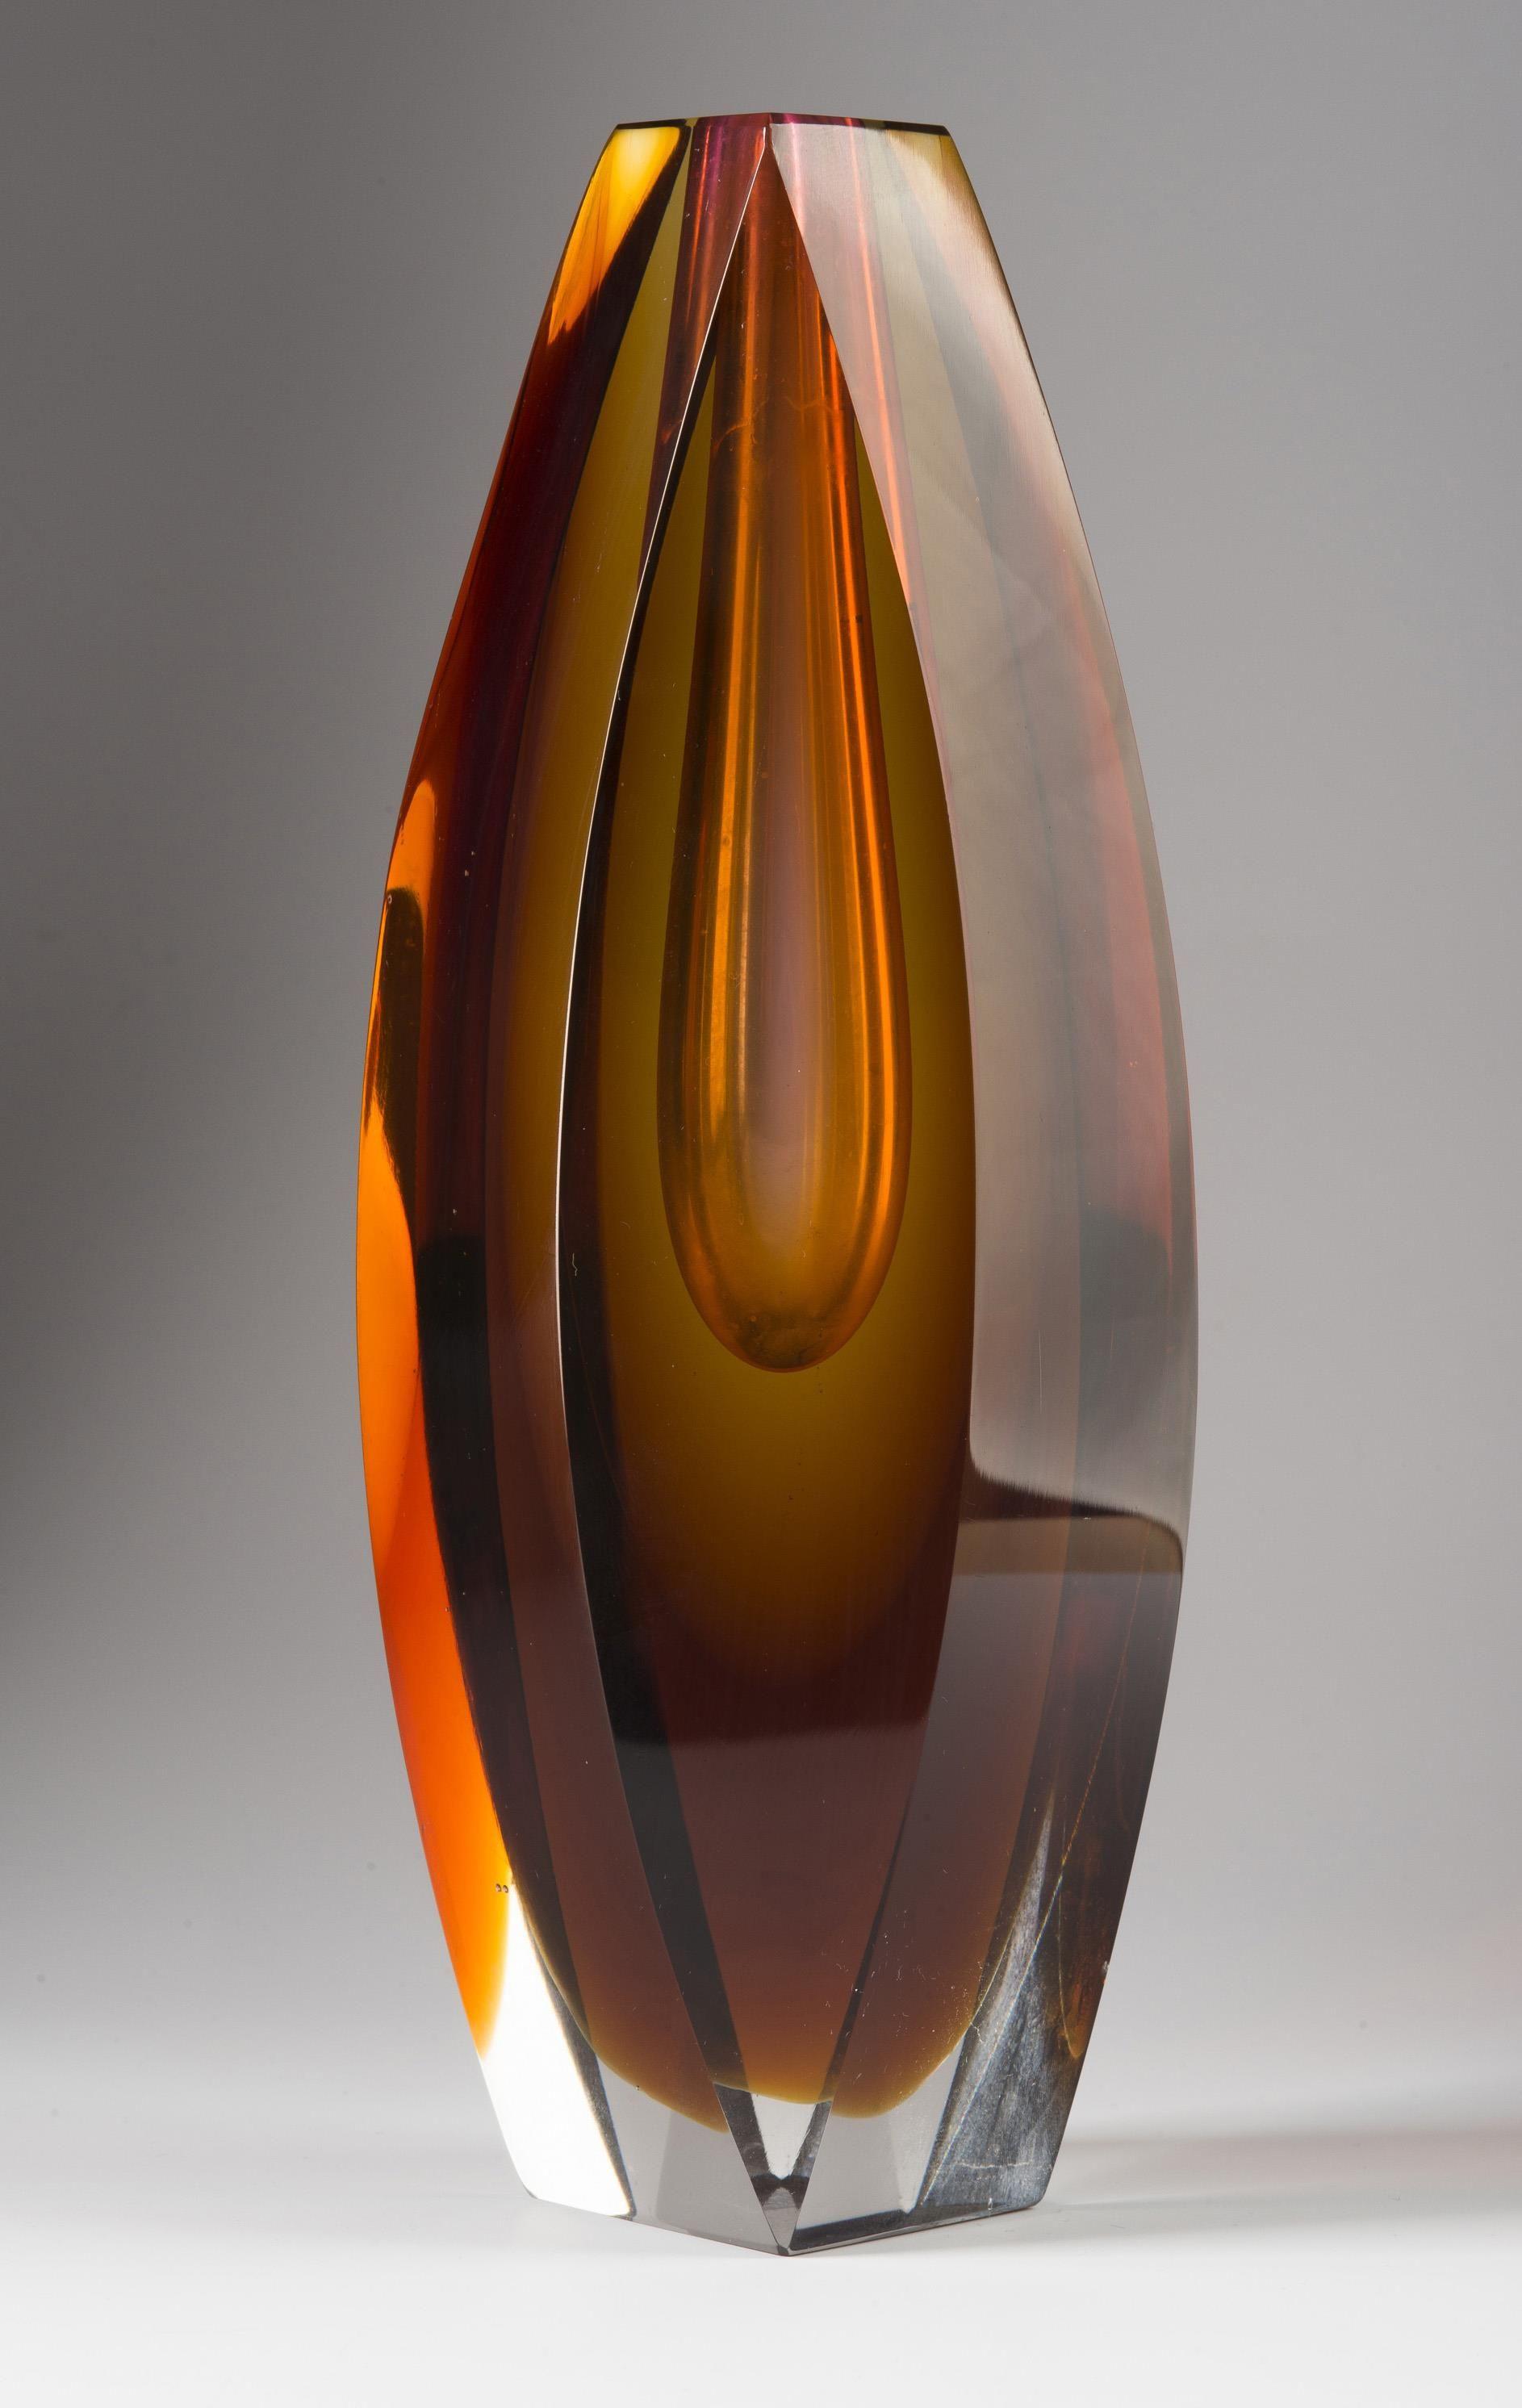 murano glass vase of jan kotik sommerso glass vase 60s h 225 cm glassworks zelezny intended for jan kotik sommerso glass vase 60s h 225 cm glassworks zelezny brod eisenbrod czechoslovakia